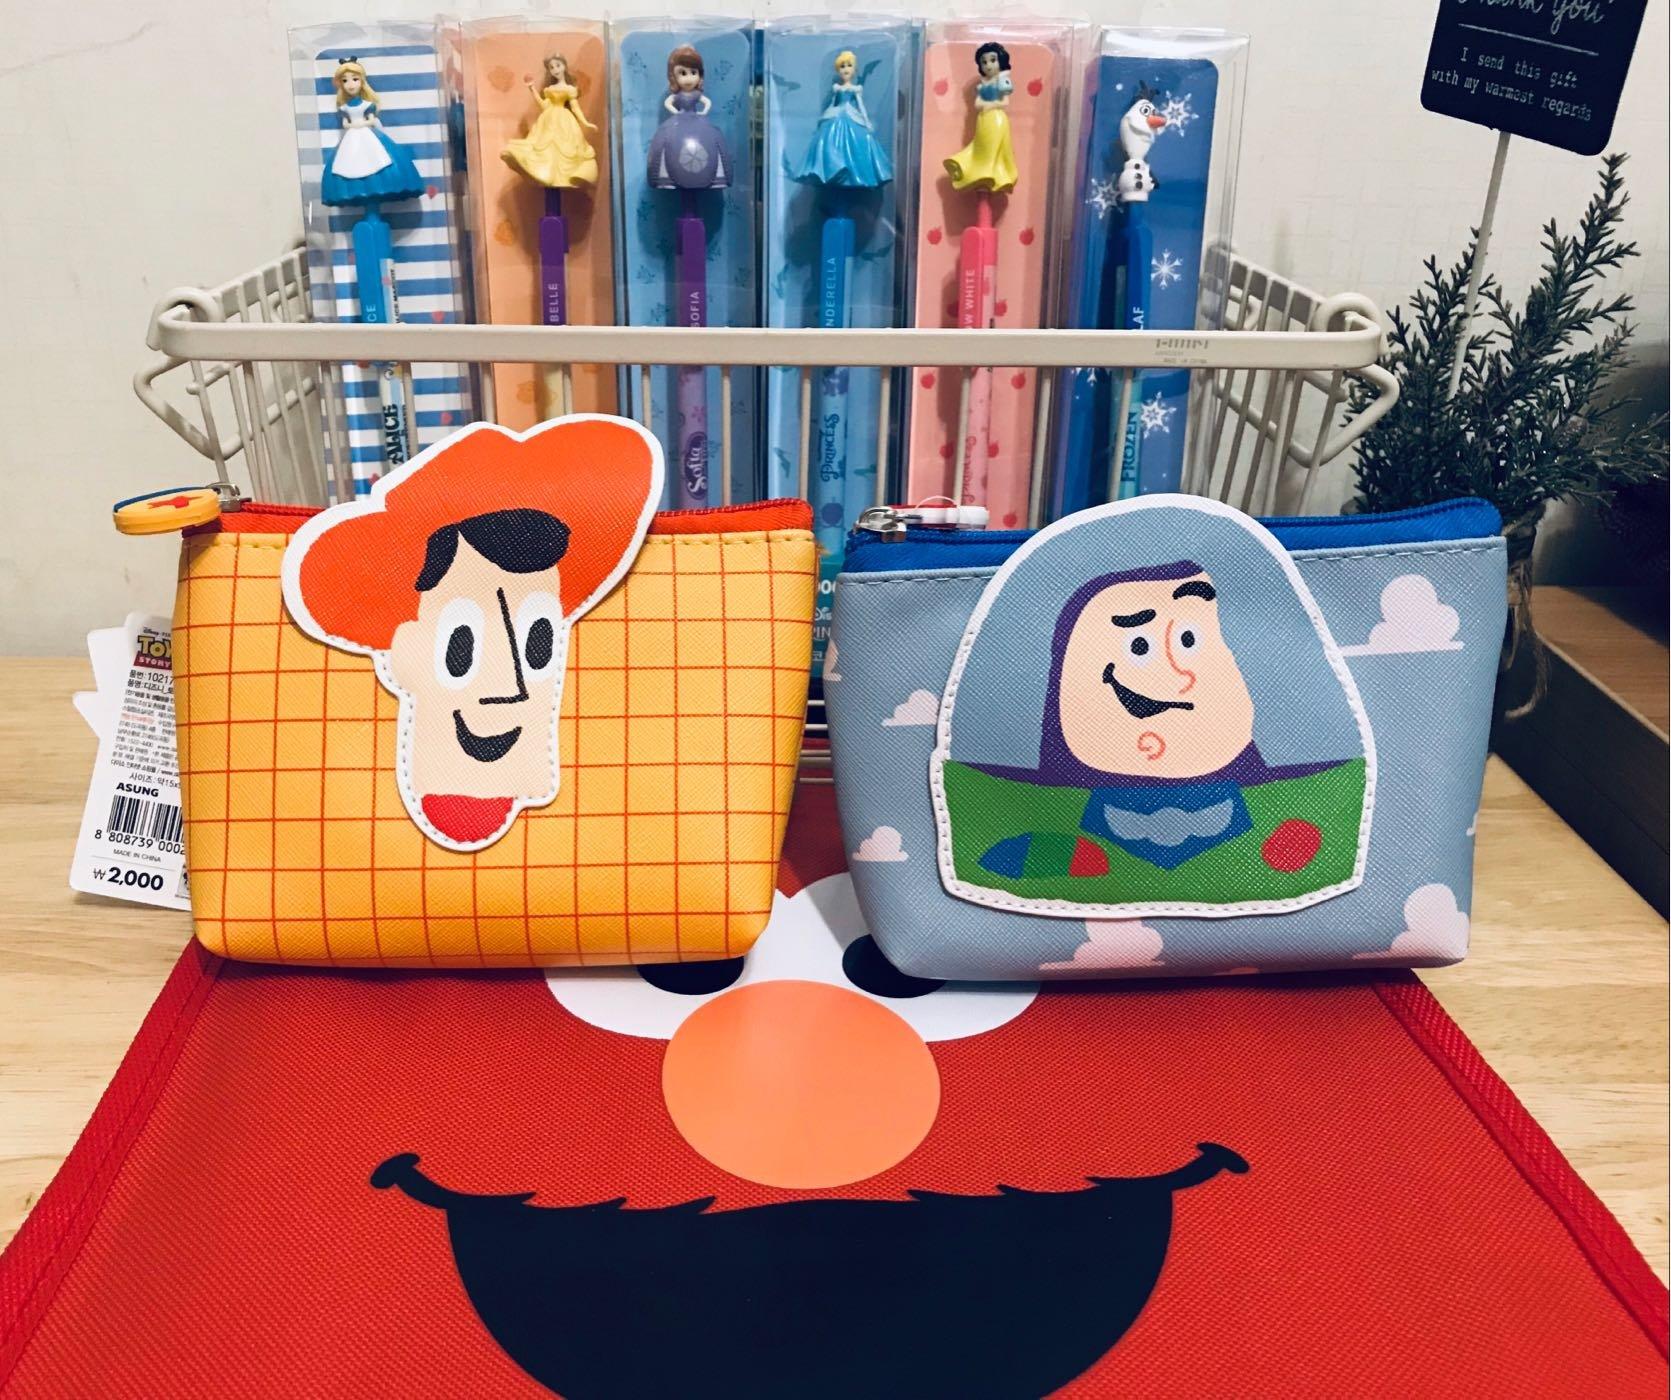 迪士尼 Disney 玩具總動員 toy story 收納袋 零錢包 小物收納